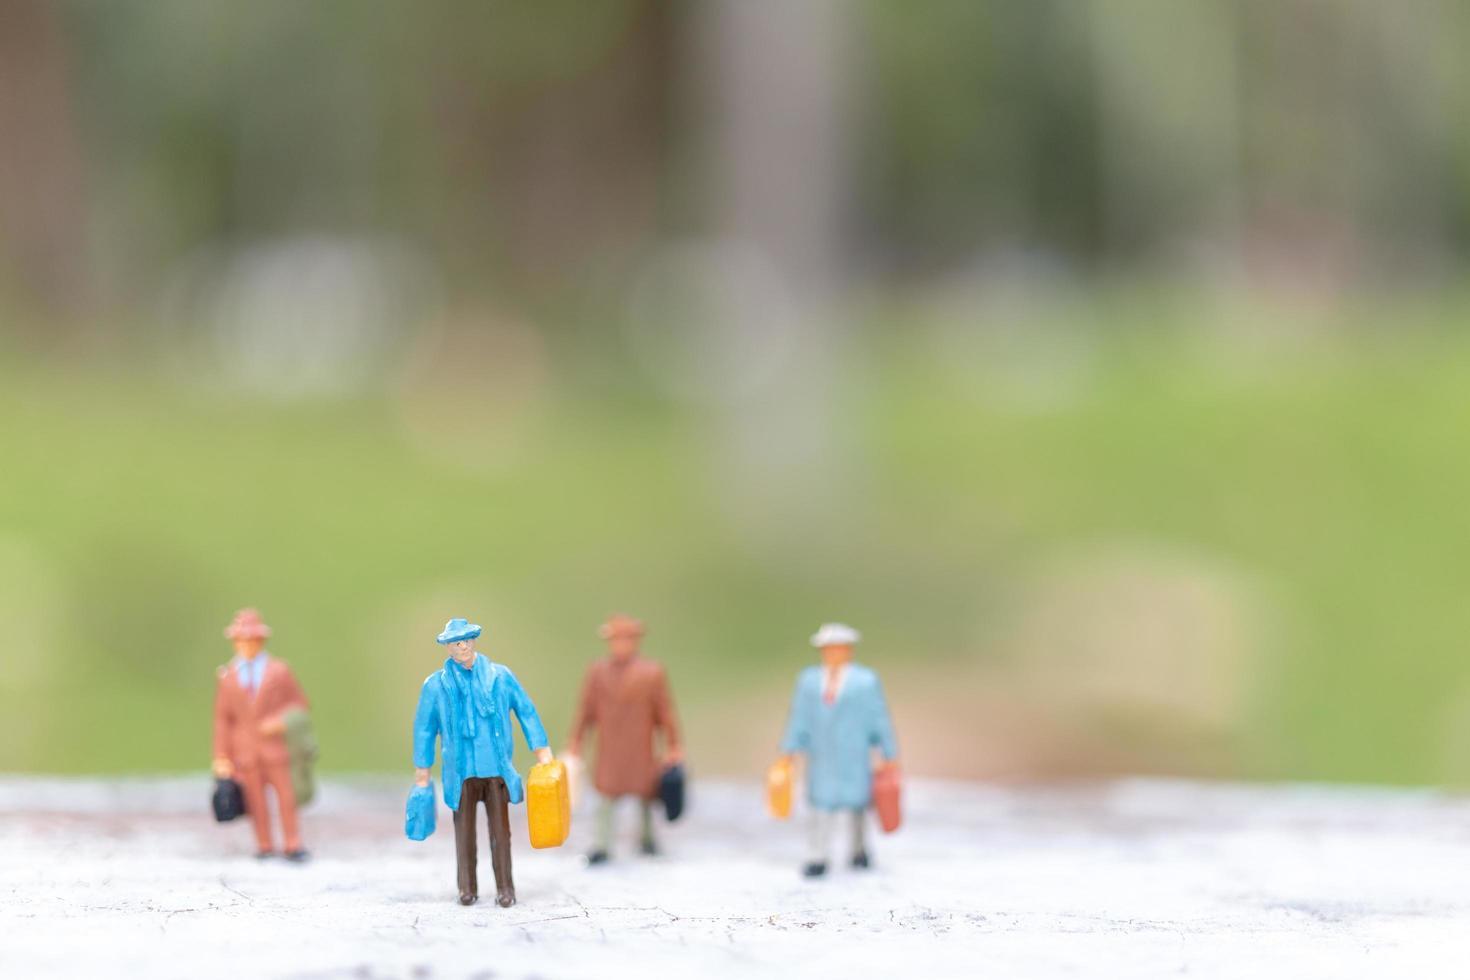 miniatuurreizigers die op een straat-, reis- en avontuurconcept lopen foto